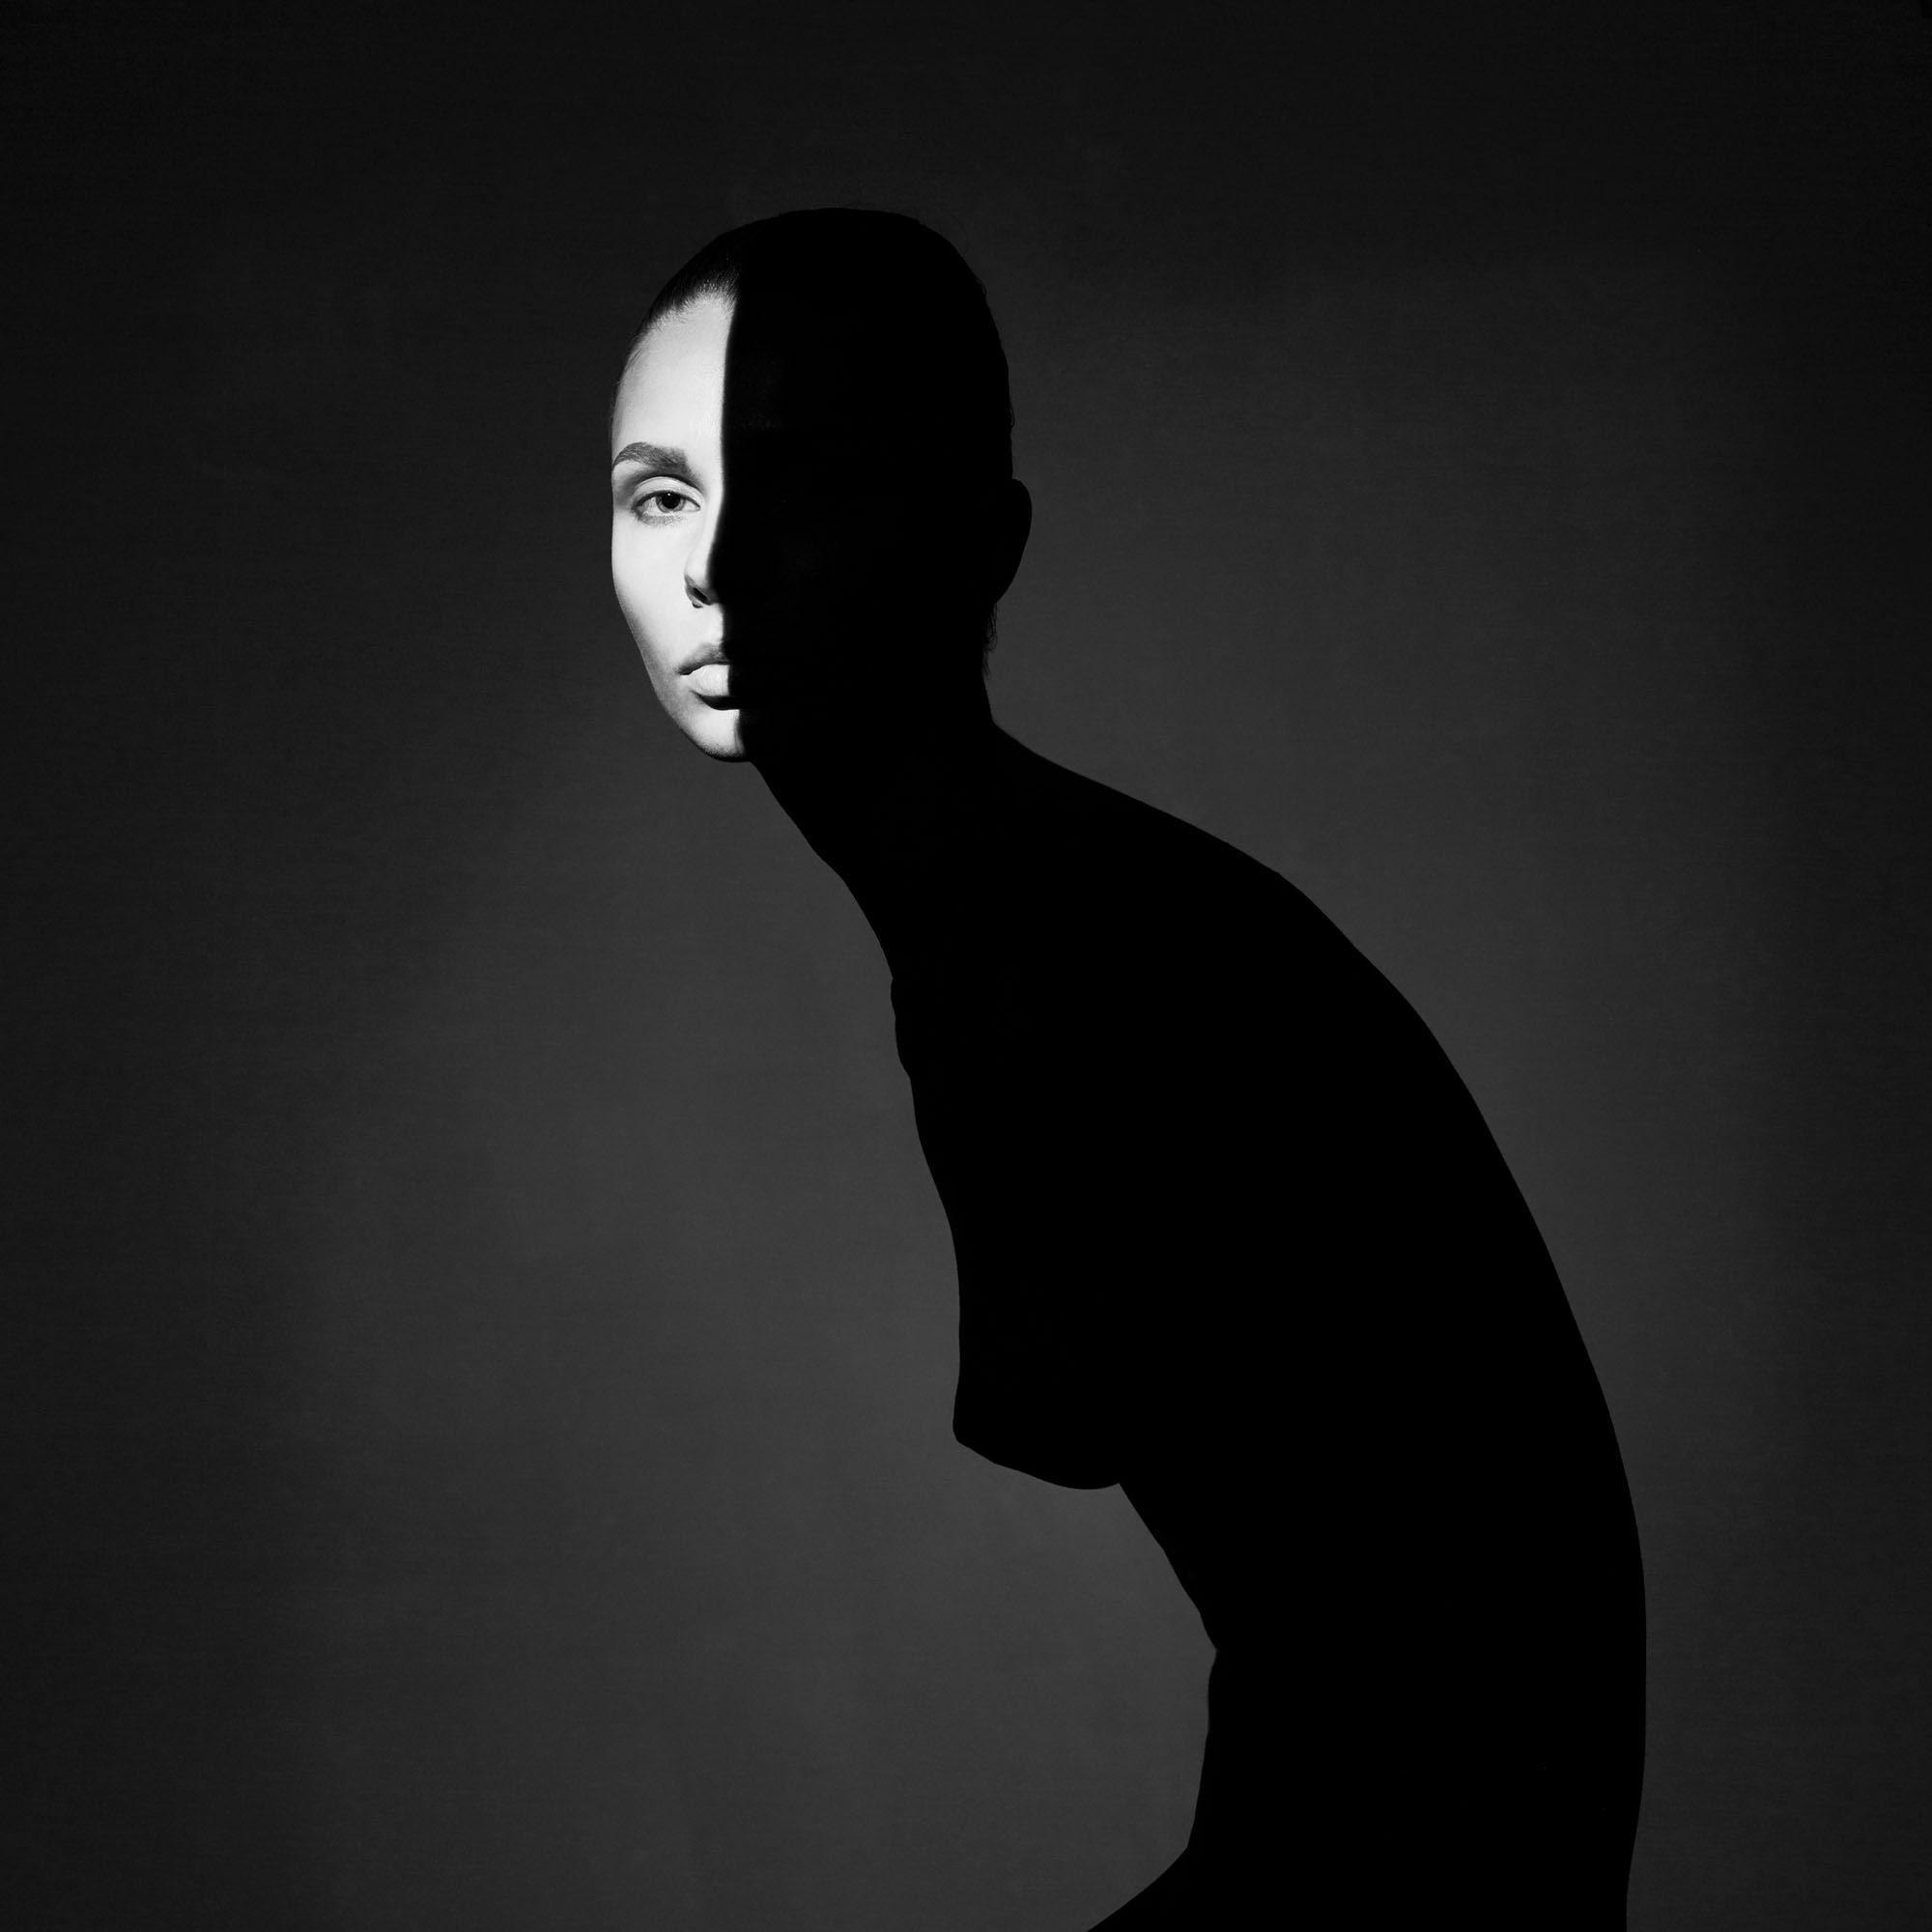 Джордж Майер, Россия / George Mayer, Russia, Победитель в категории «Портрет» (профессионал), Фотоконкурс Sony World Photography Awards